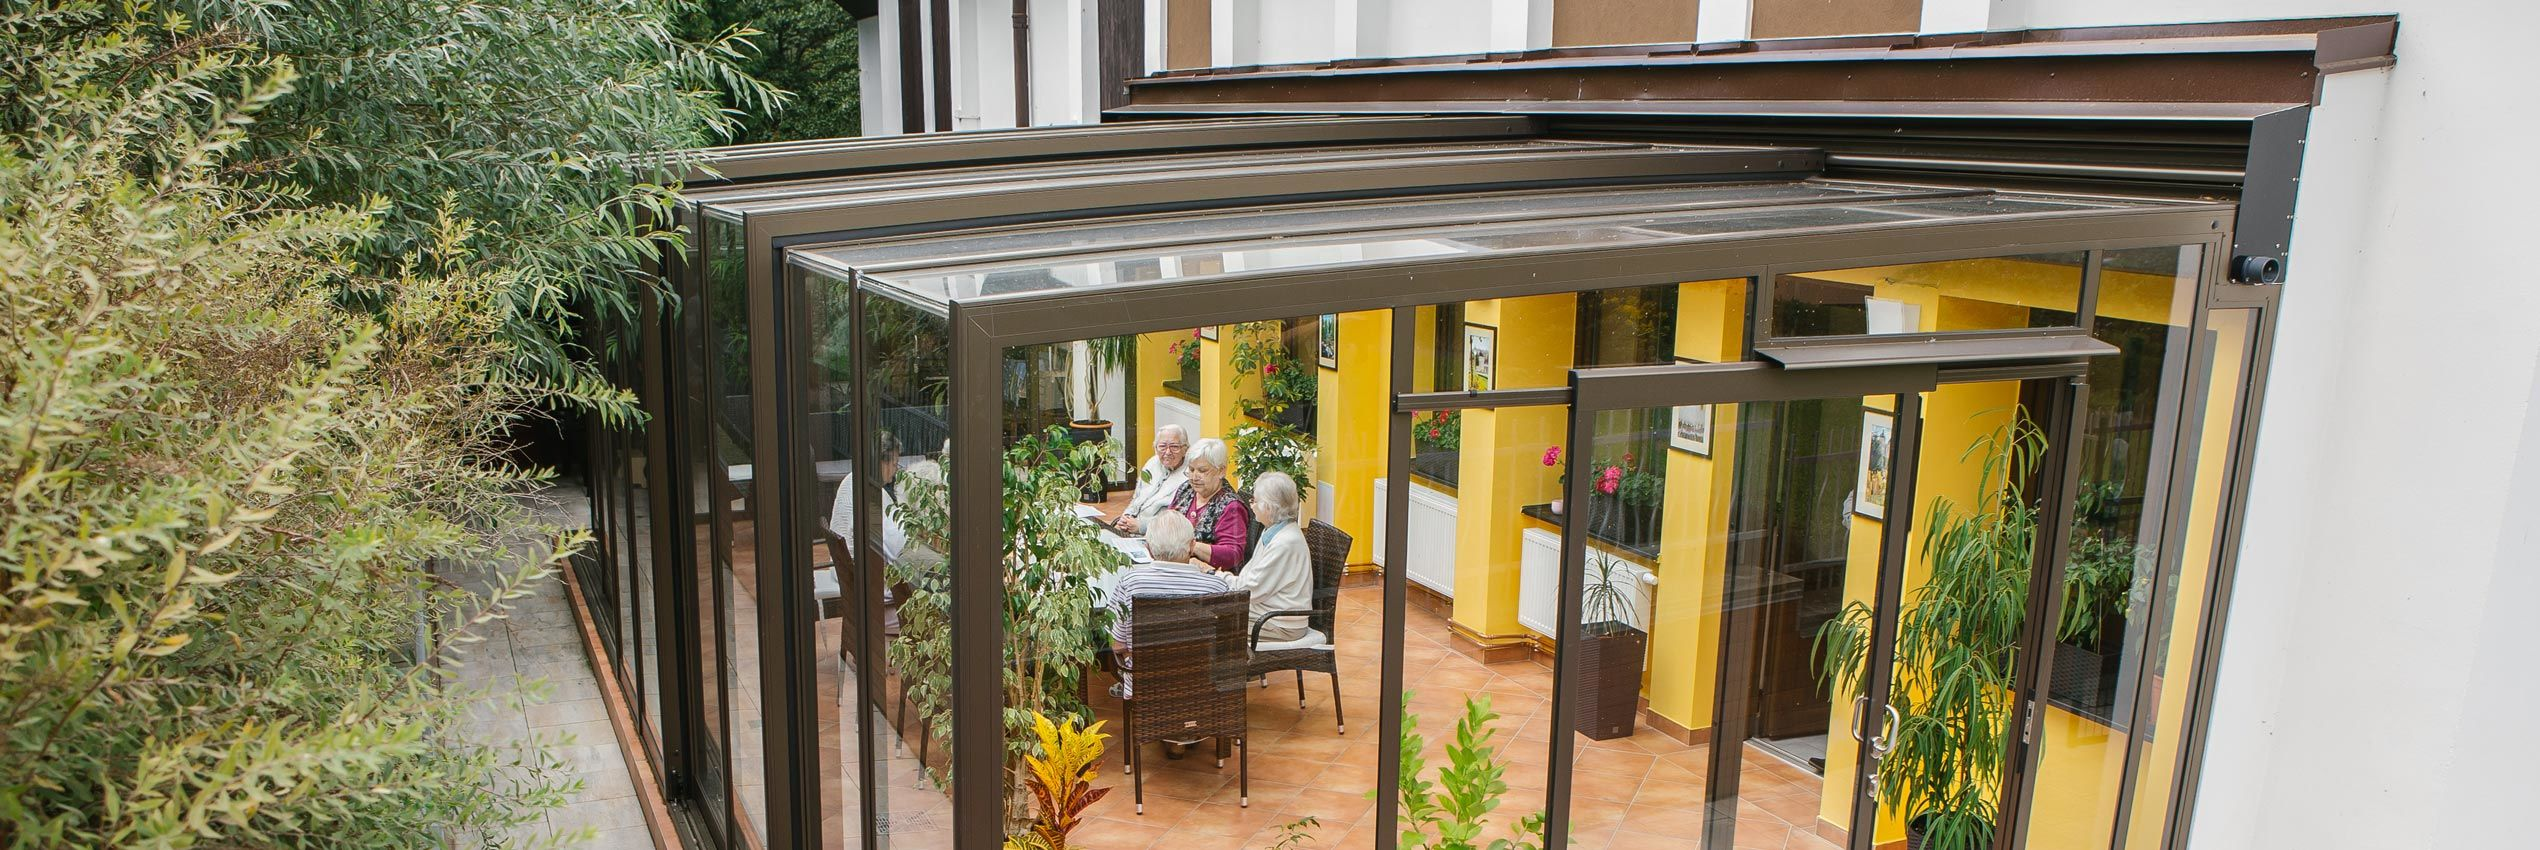 Überdachung corso glass für horeca | alukov-ueberdachungen.de, Hause deko